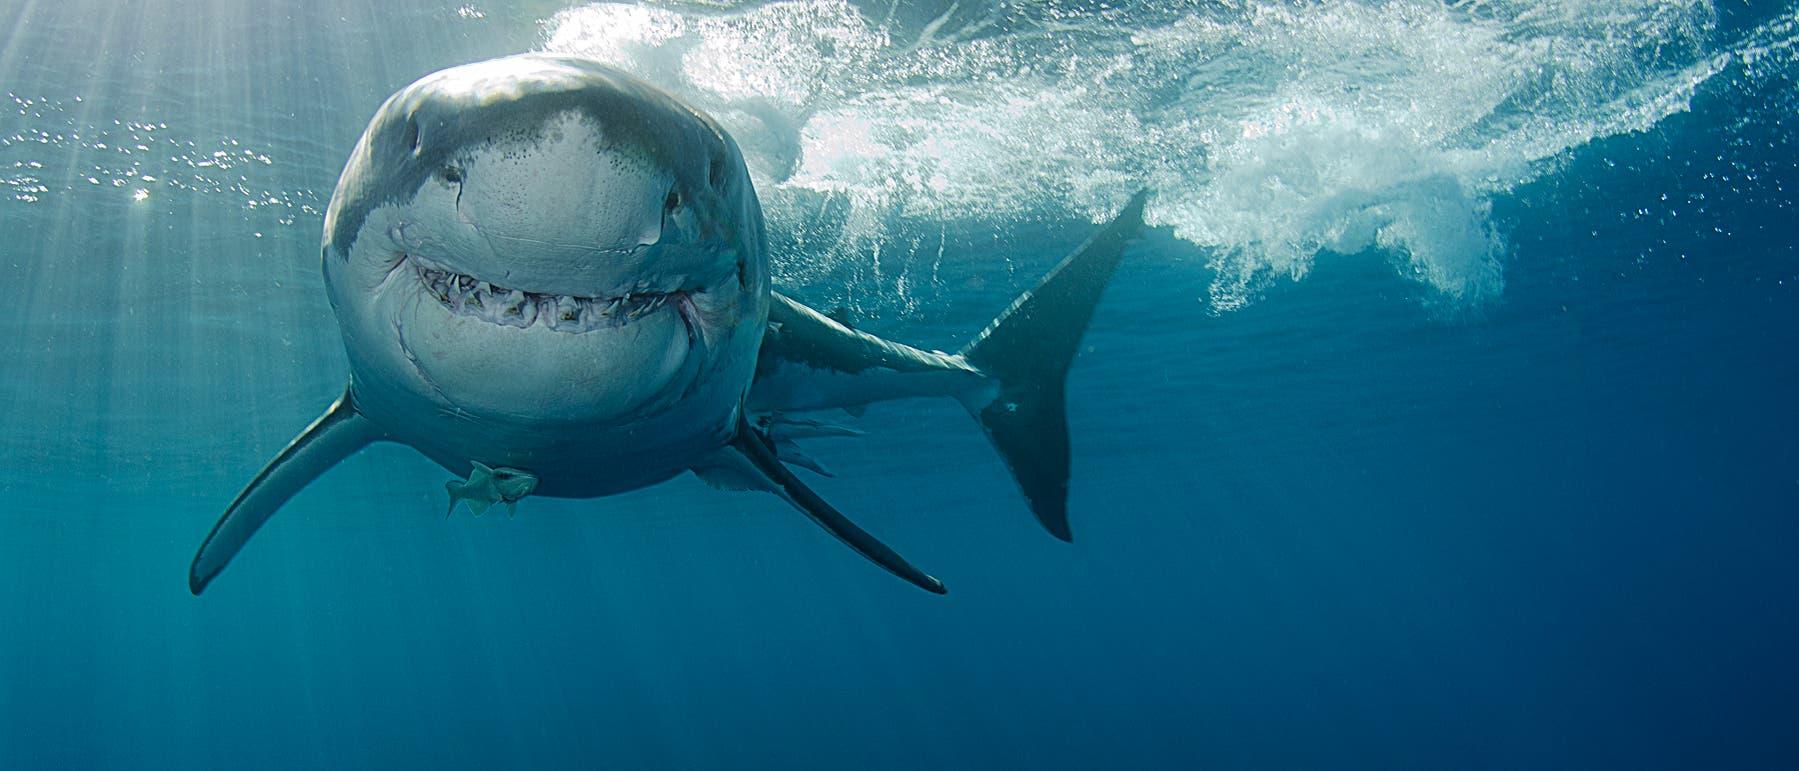 Weißer Hai - tausende Zähne im Lauf eines Lebens